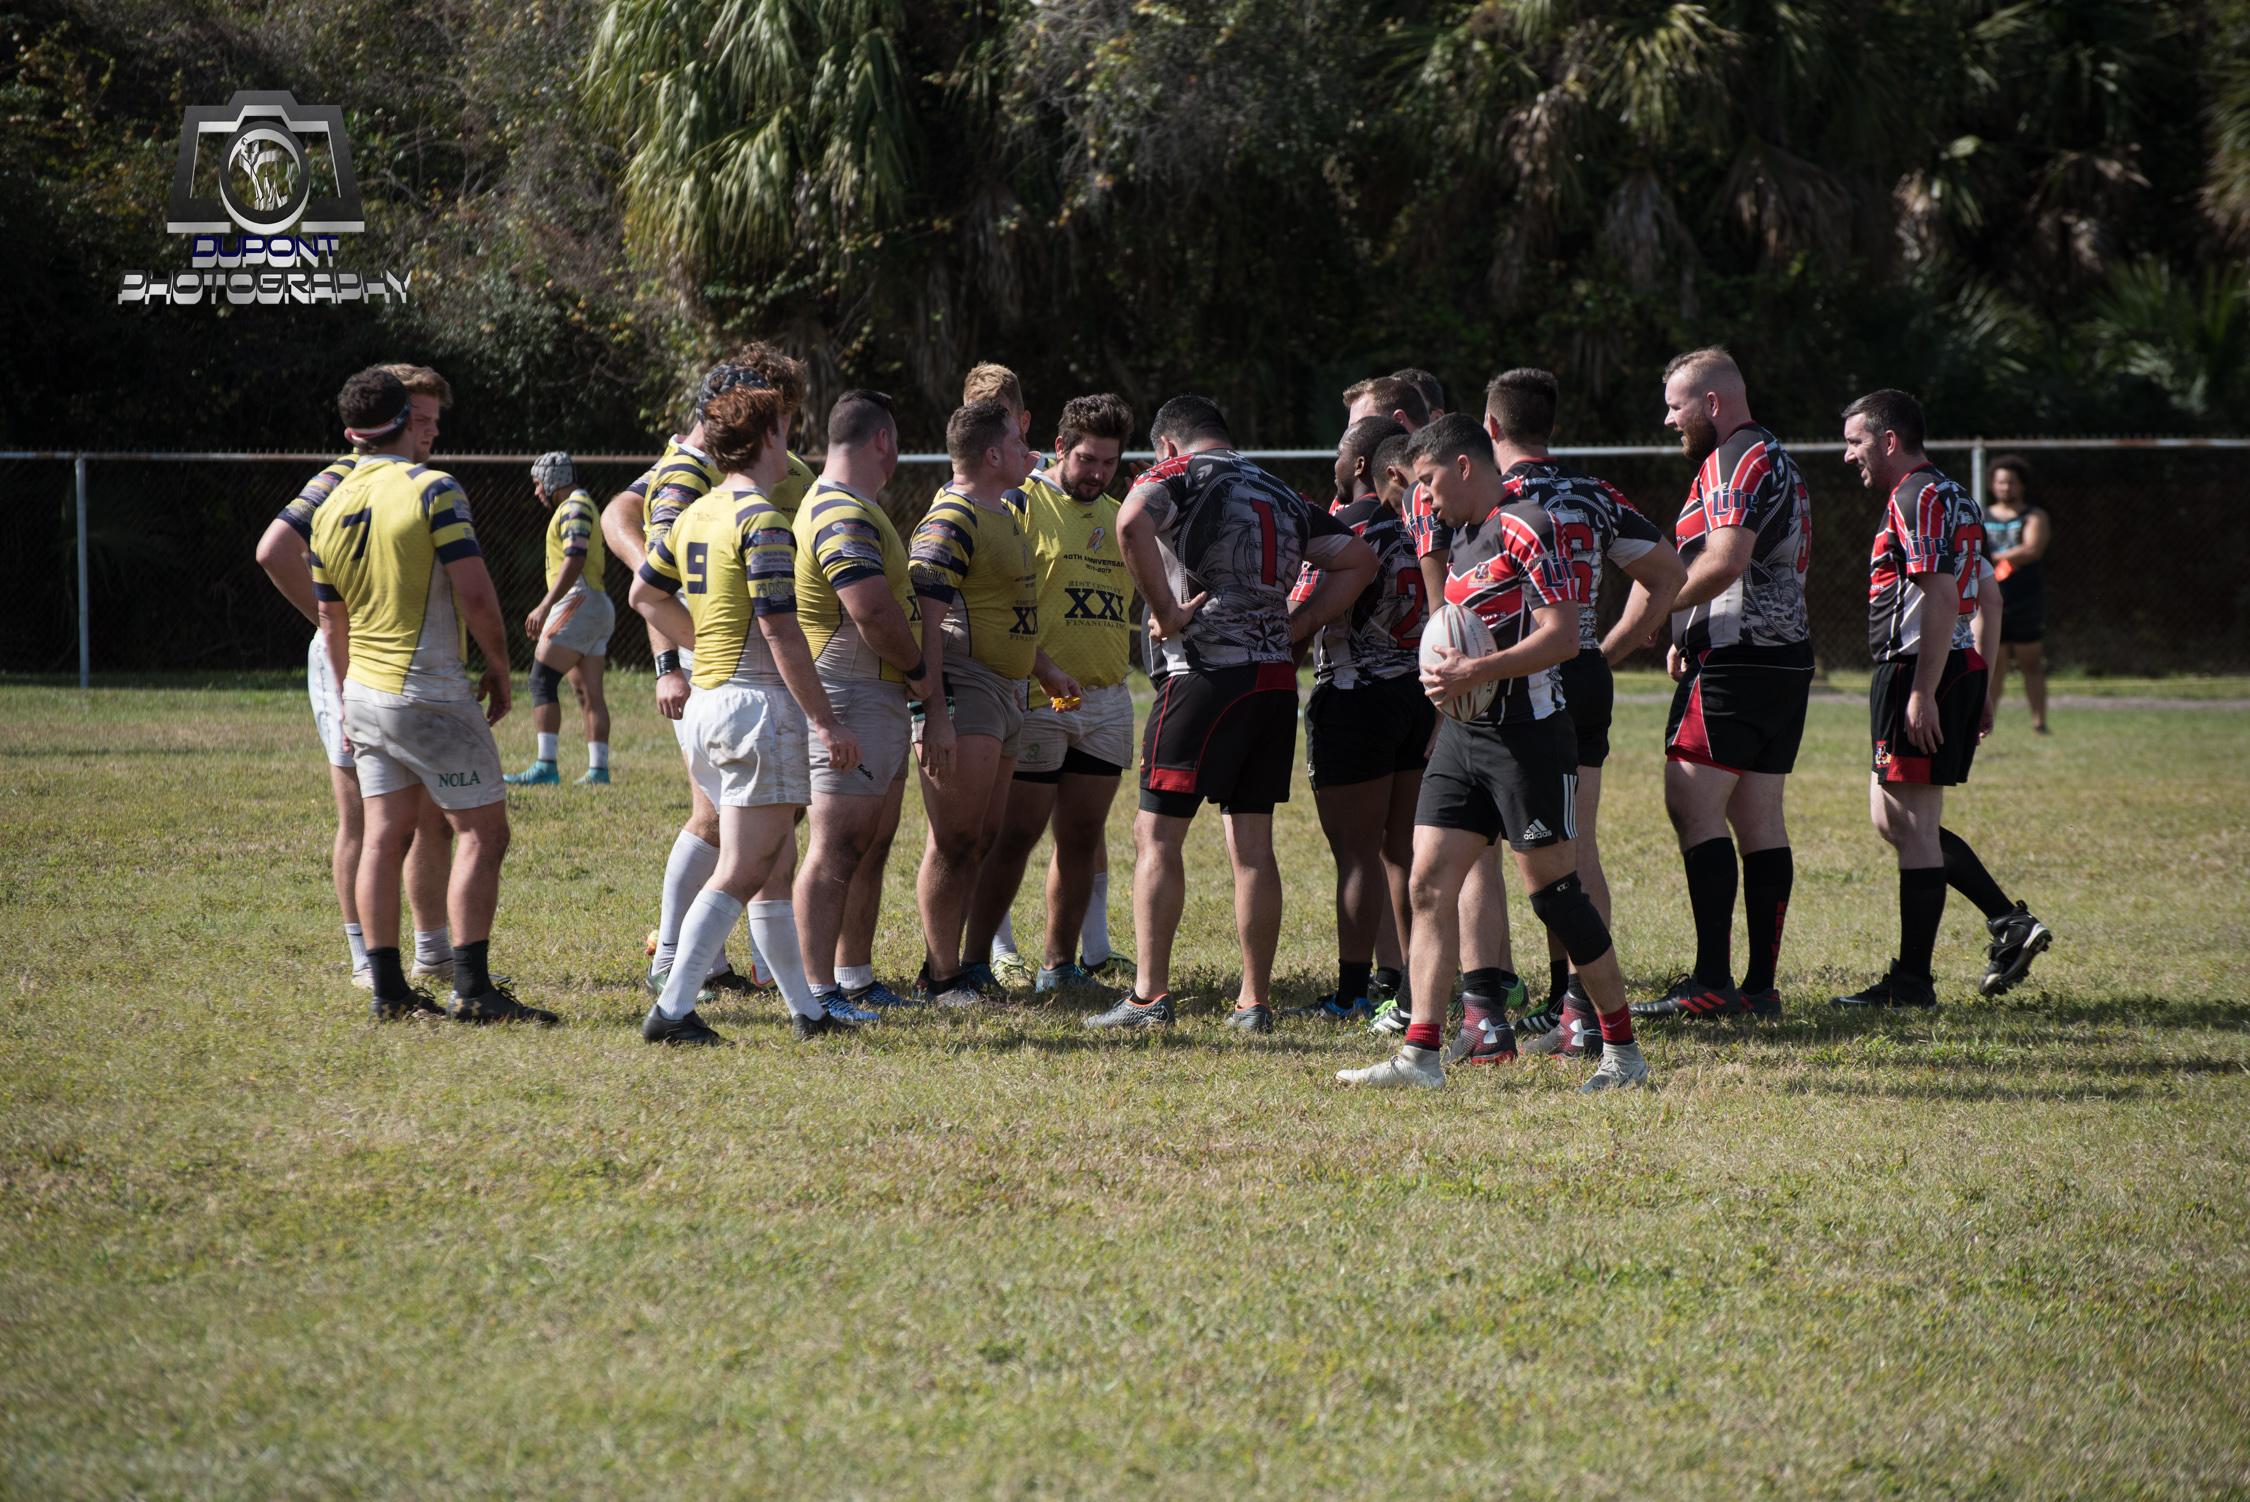 2019-01-19 Rugby-594-15.jpg